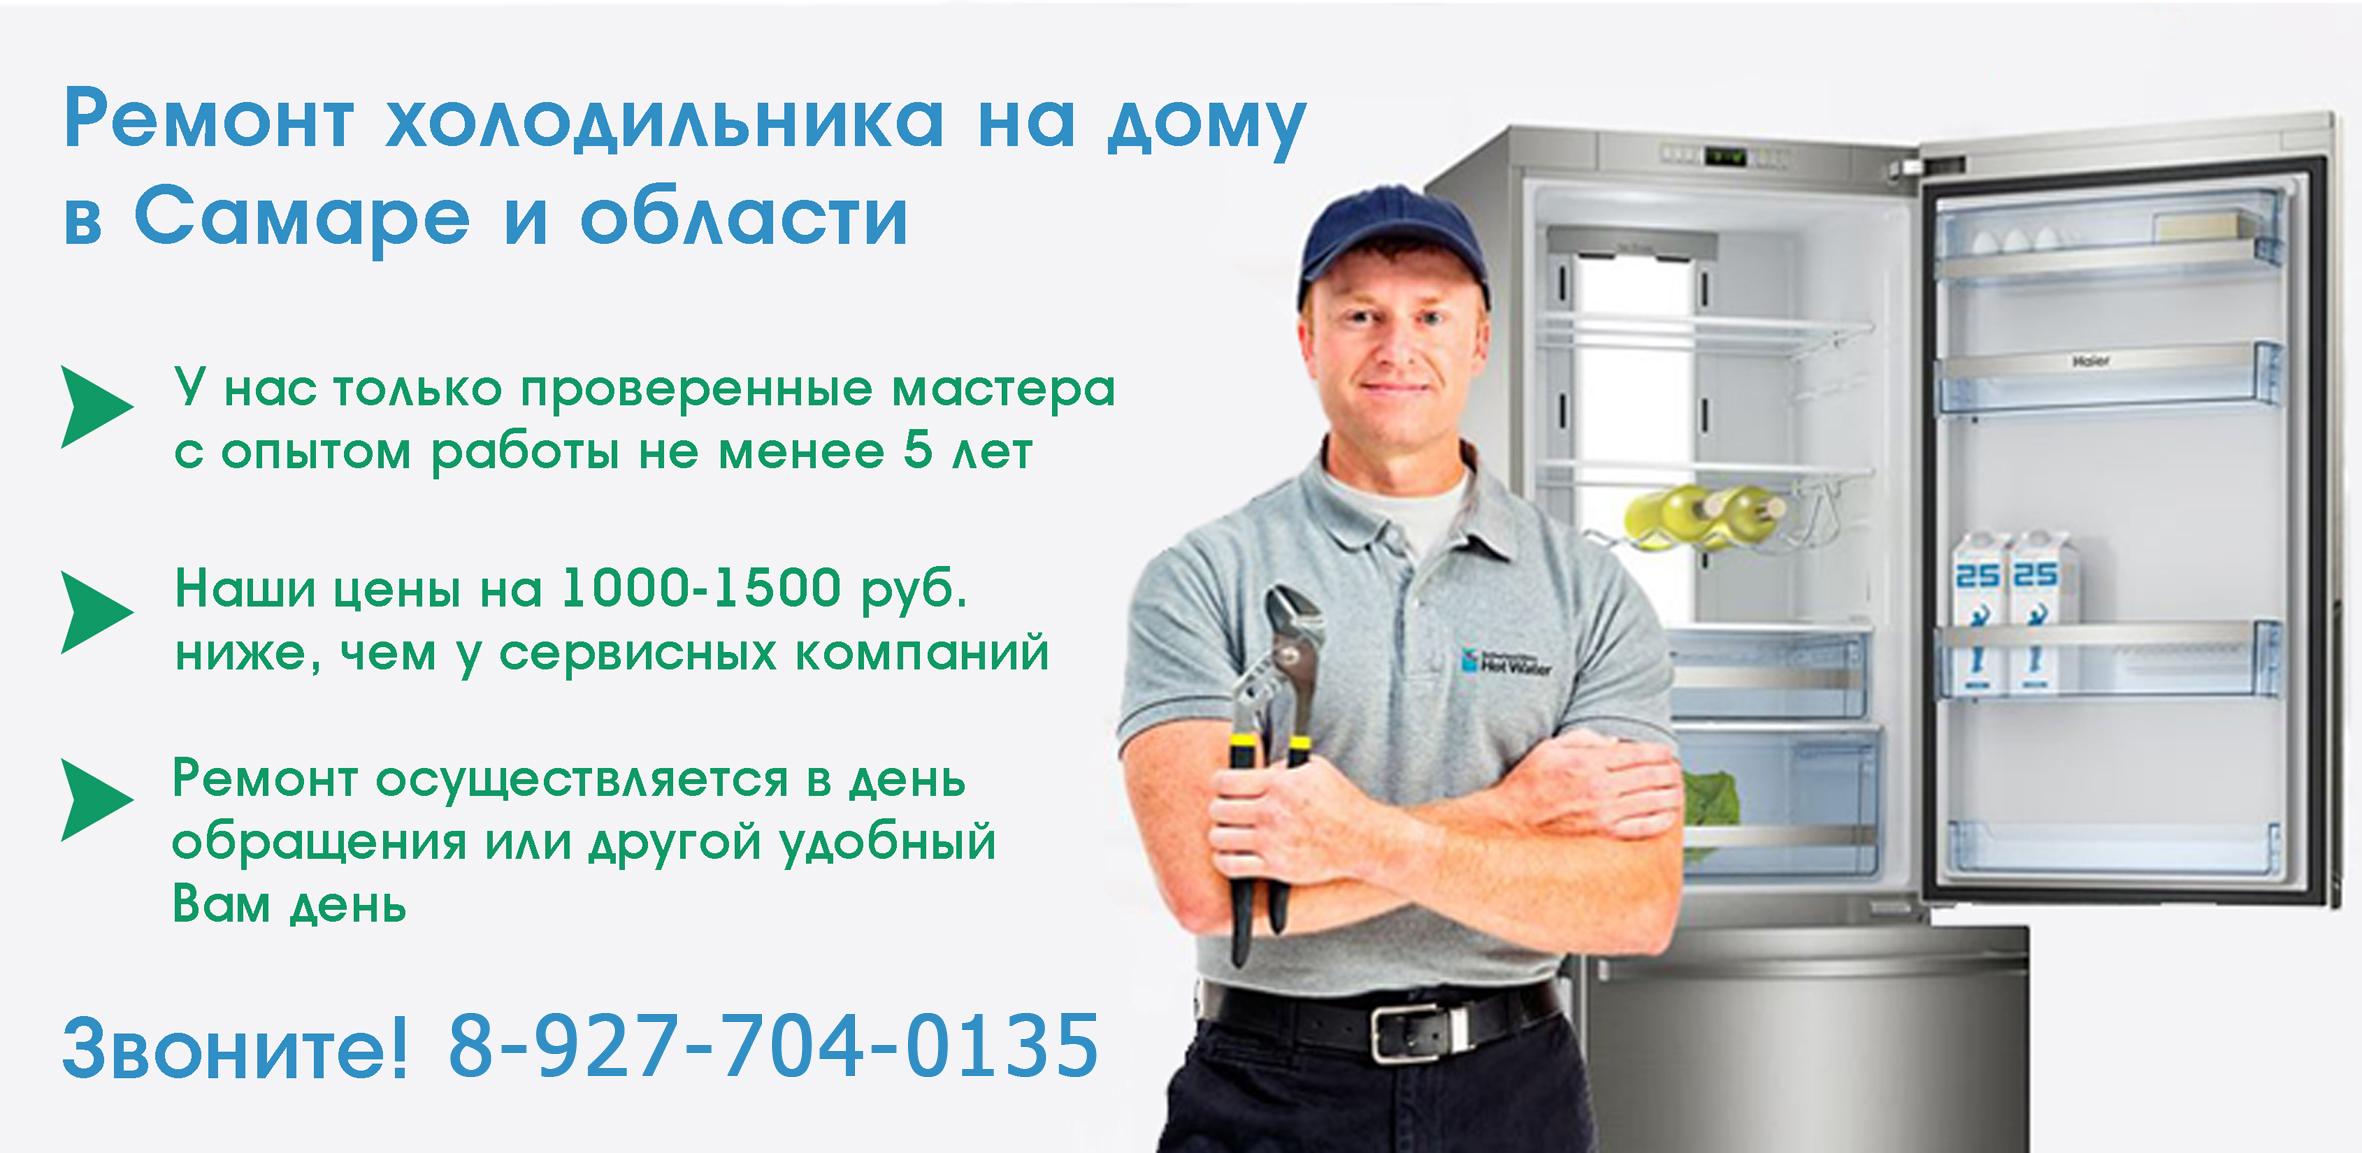 Ремонт холодильника самара сервисный центр поставку и установку кондиционеров